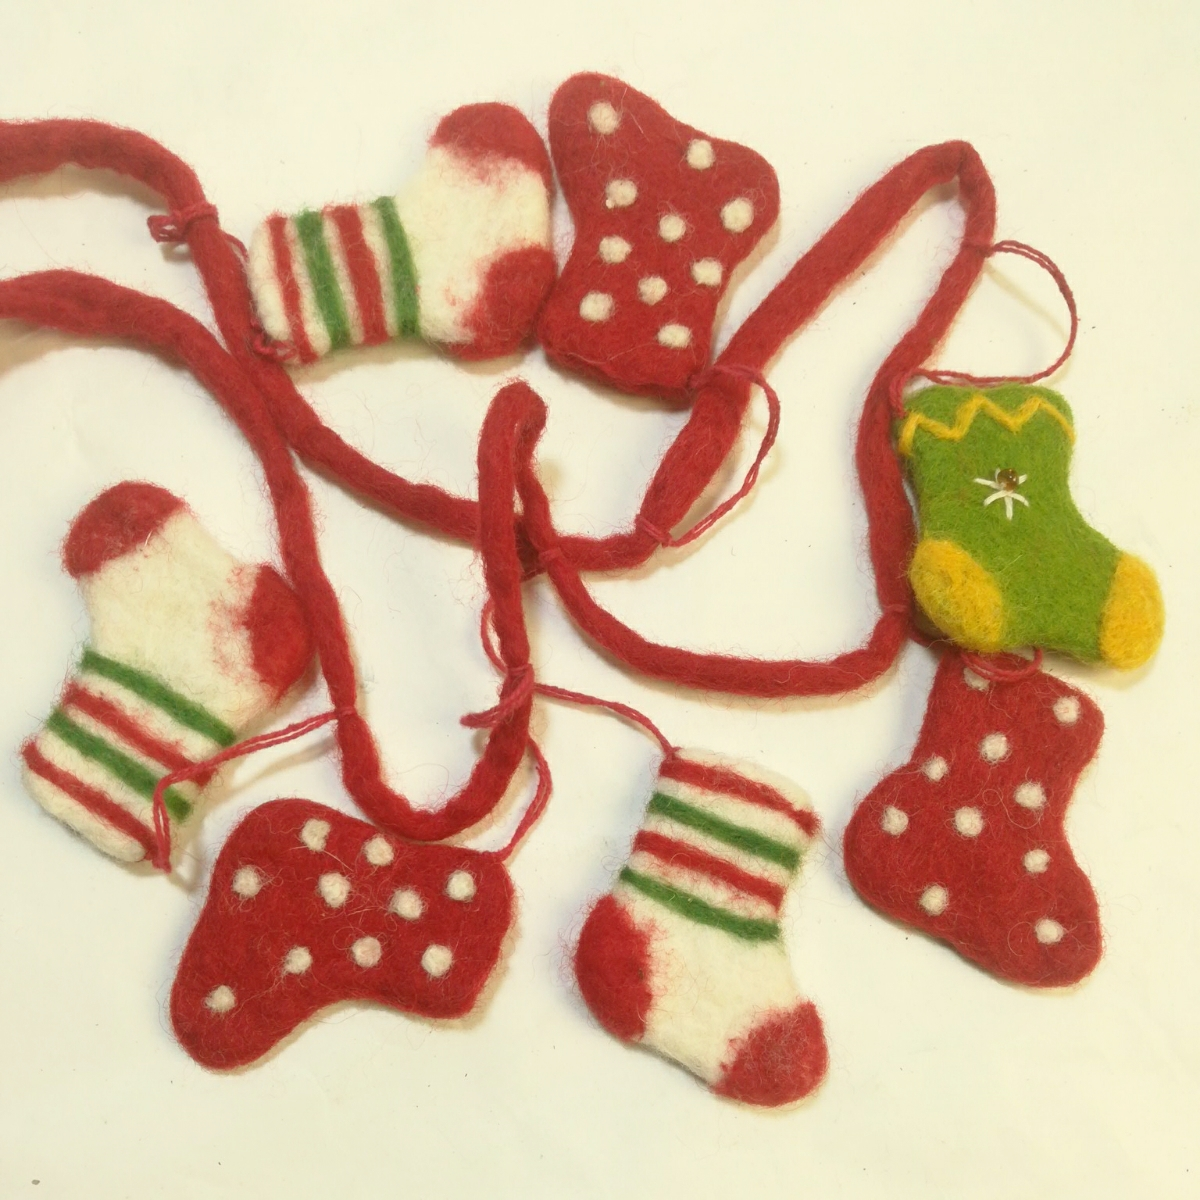 新品ハンドメイド フエルト100%クリスマスオーナメントハンギング メリーMERRY CHRISTMAS 長さ100ソックス6cmツリープレゼント値下げセール_画像3